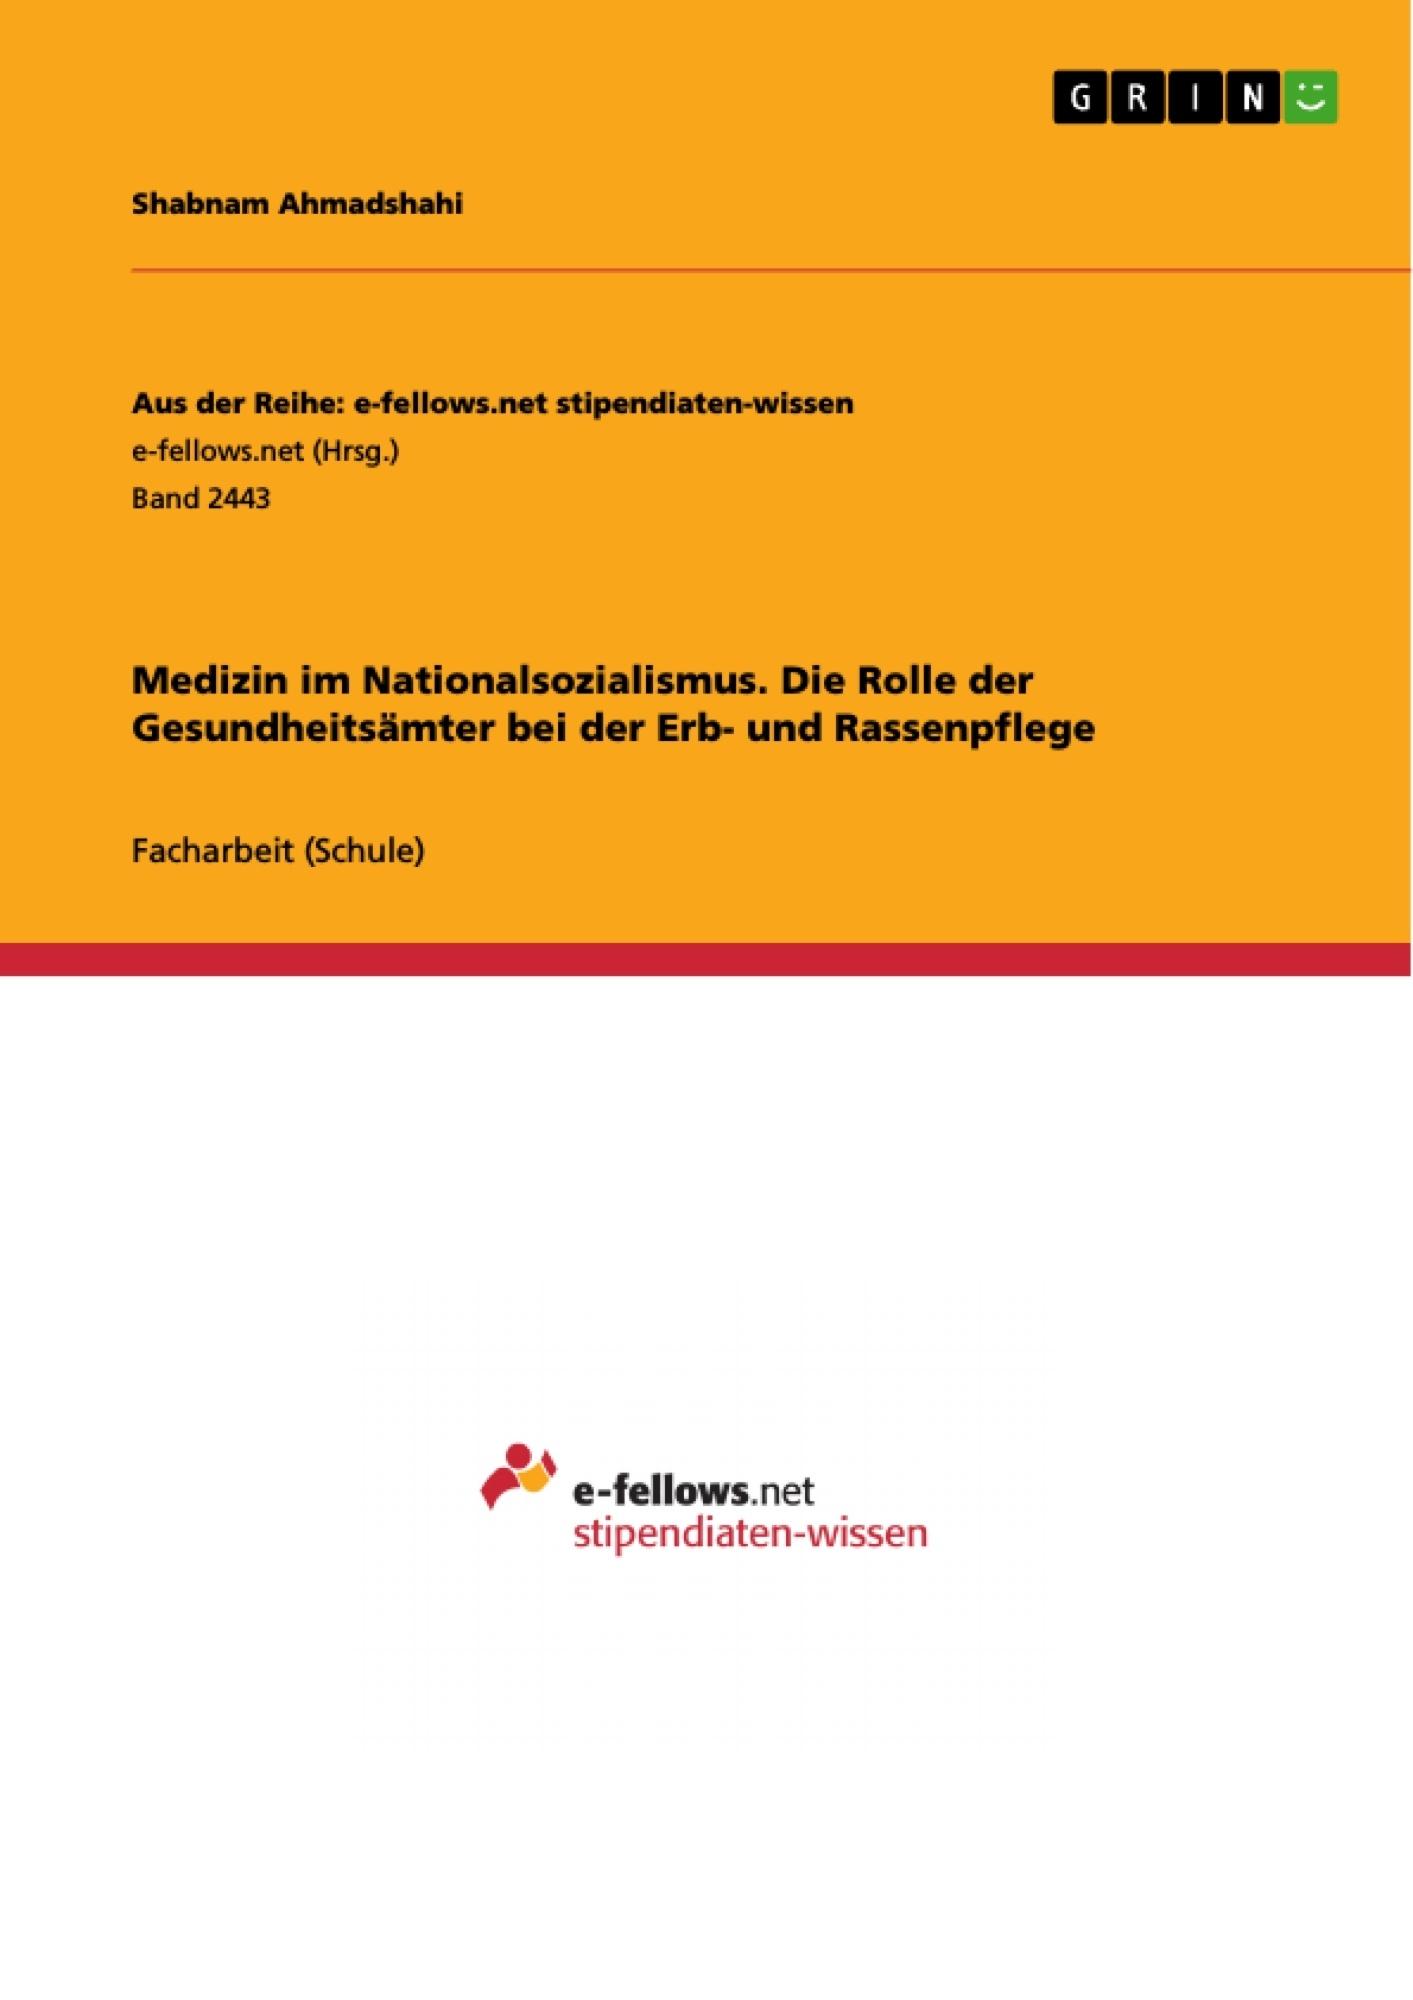 Titel: Medizin im Nationalsozialismus. Die Rolle der Gesundheitsämter bei der Erb- und Rassenpflege